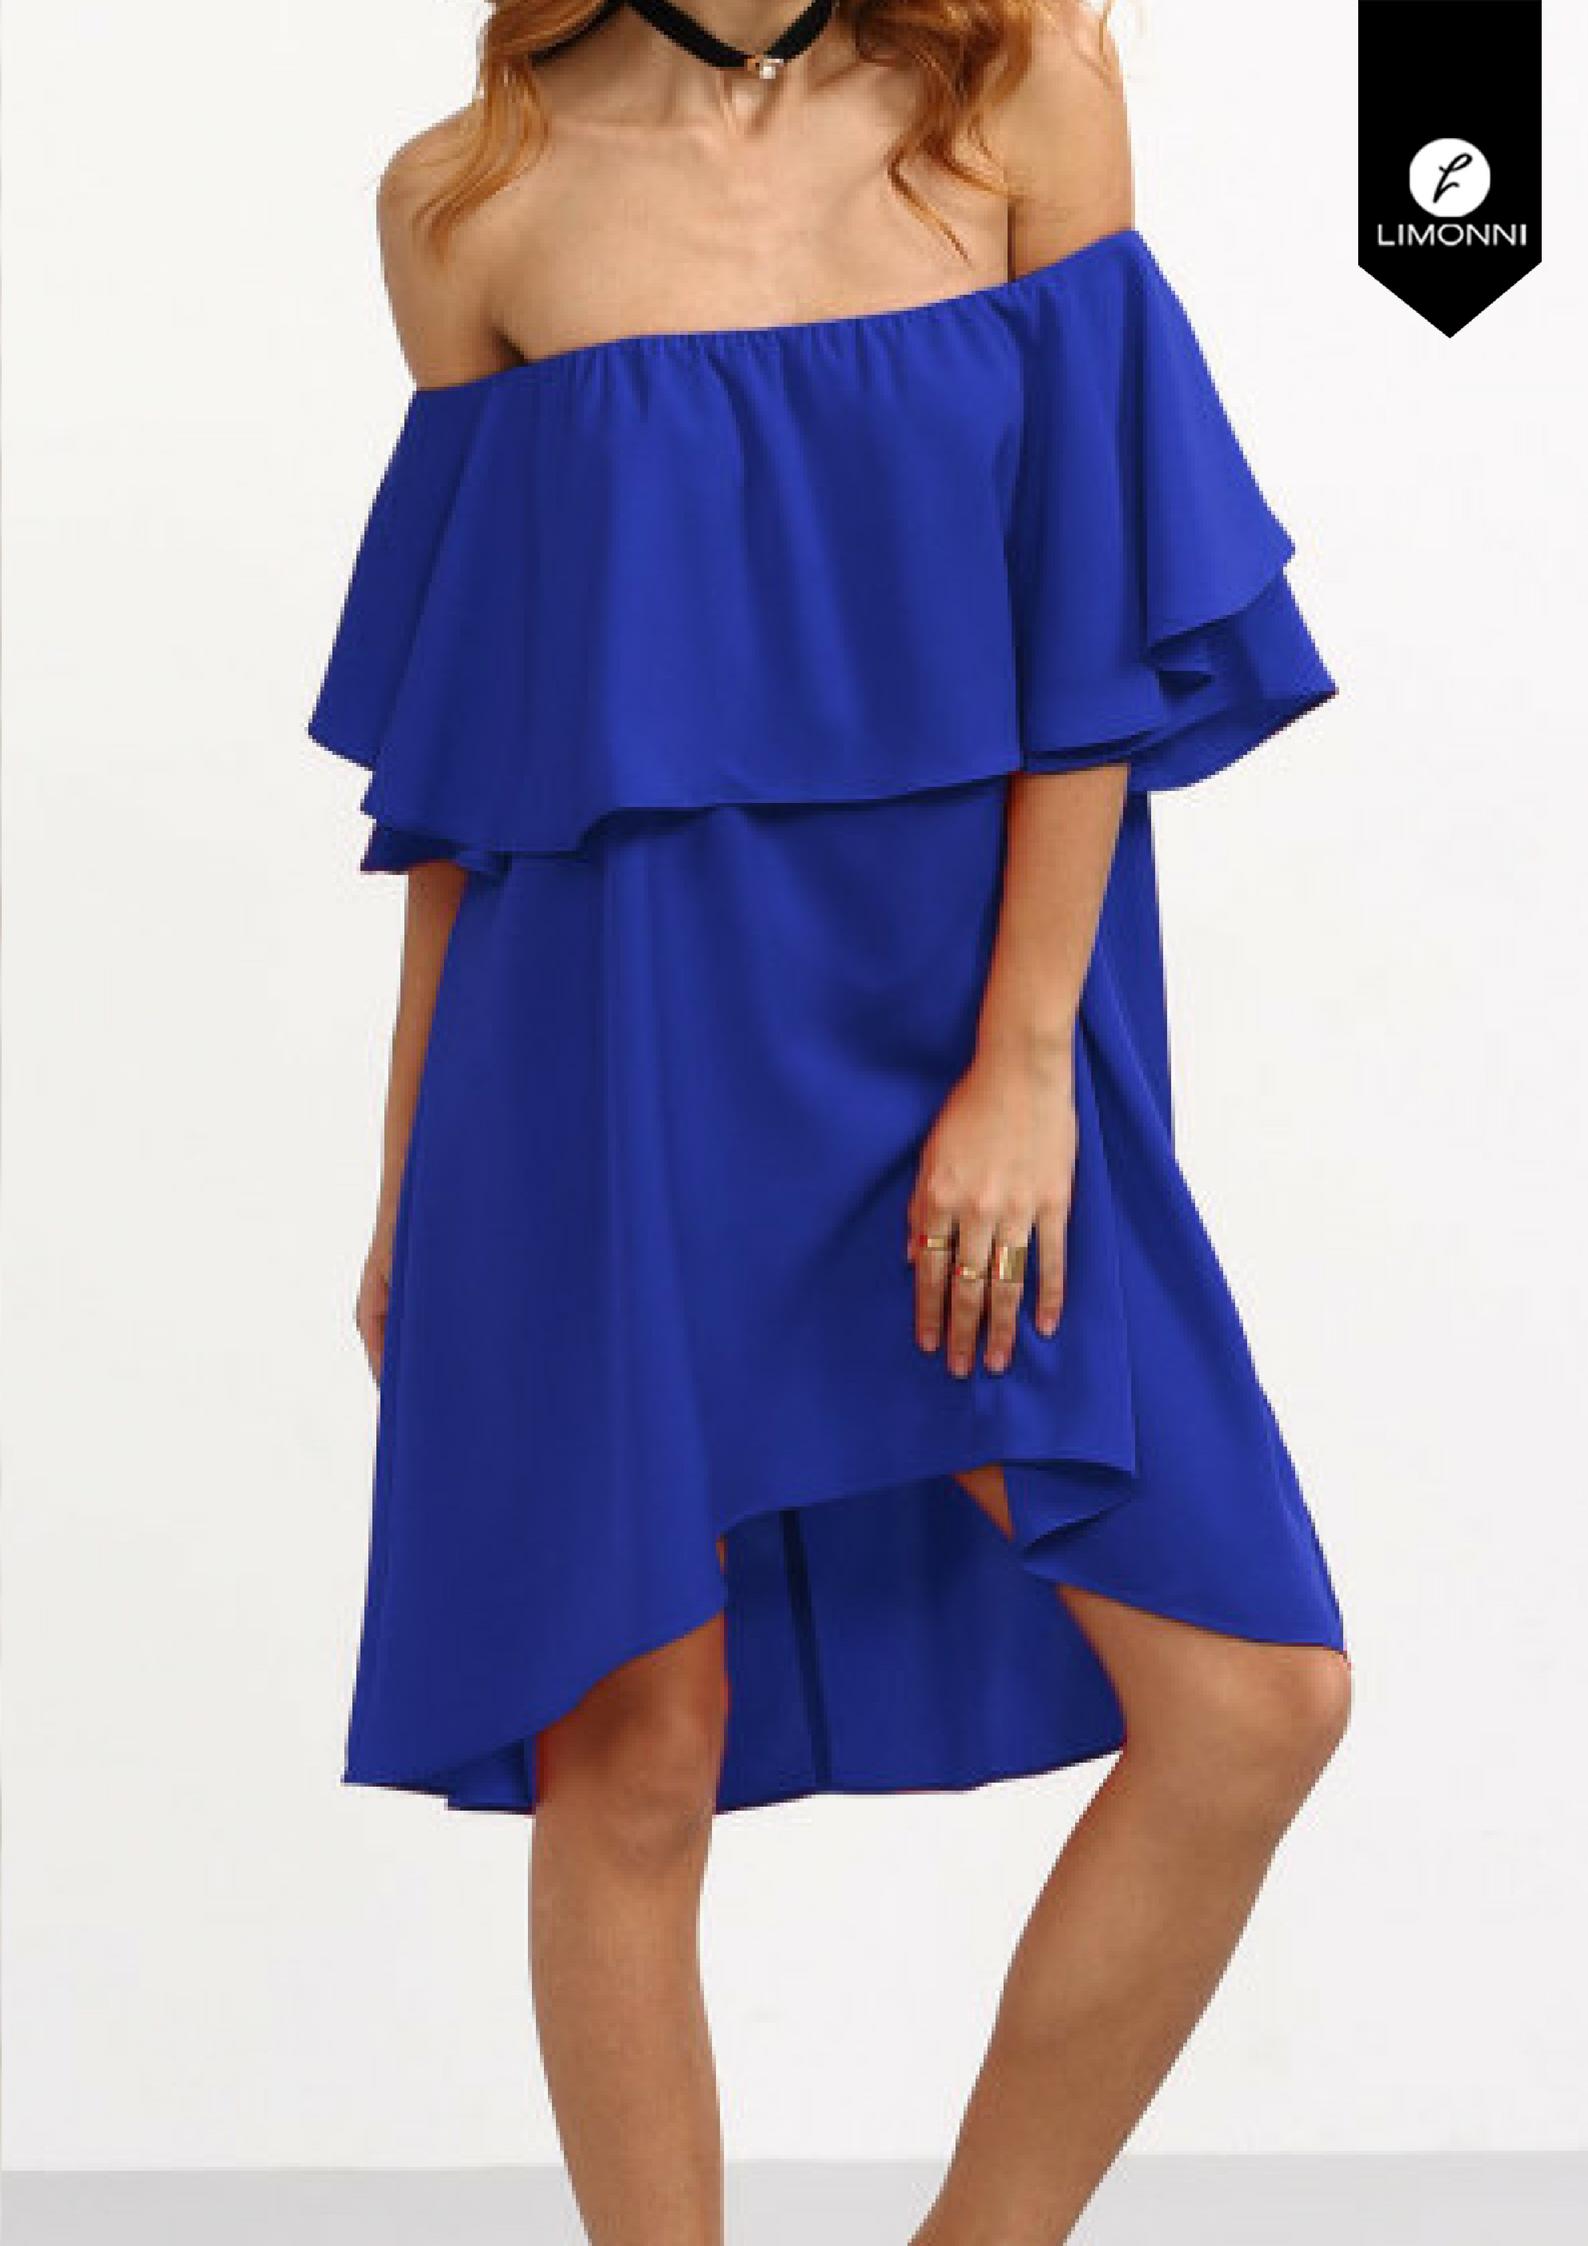 Vestidos para mujer Limonni Limonni LI1503 Cortos Casuales